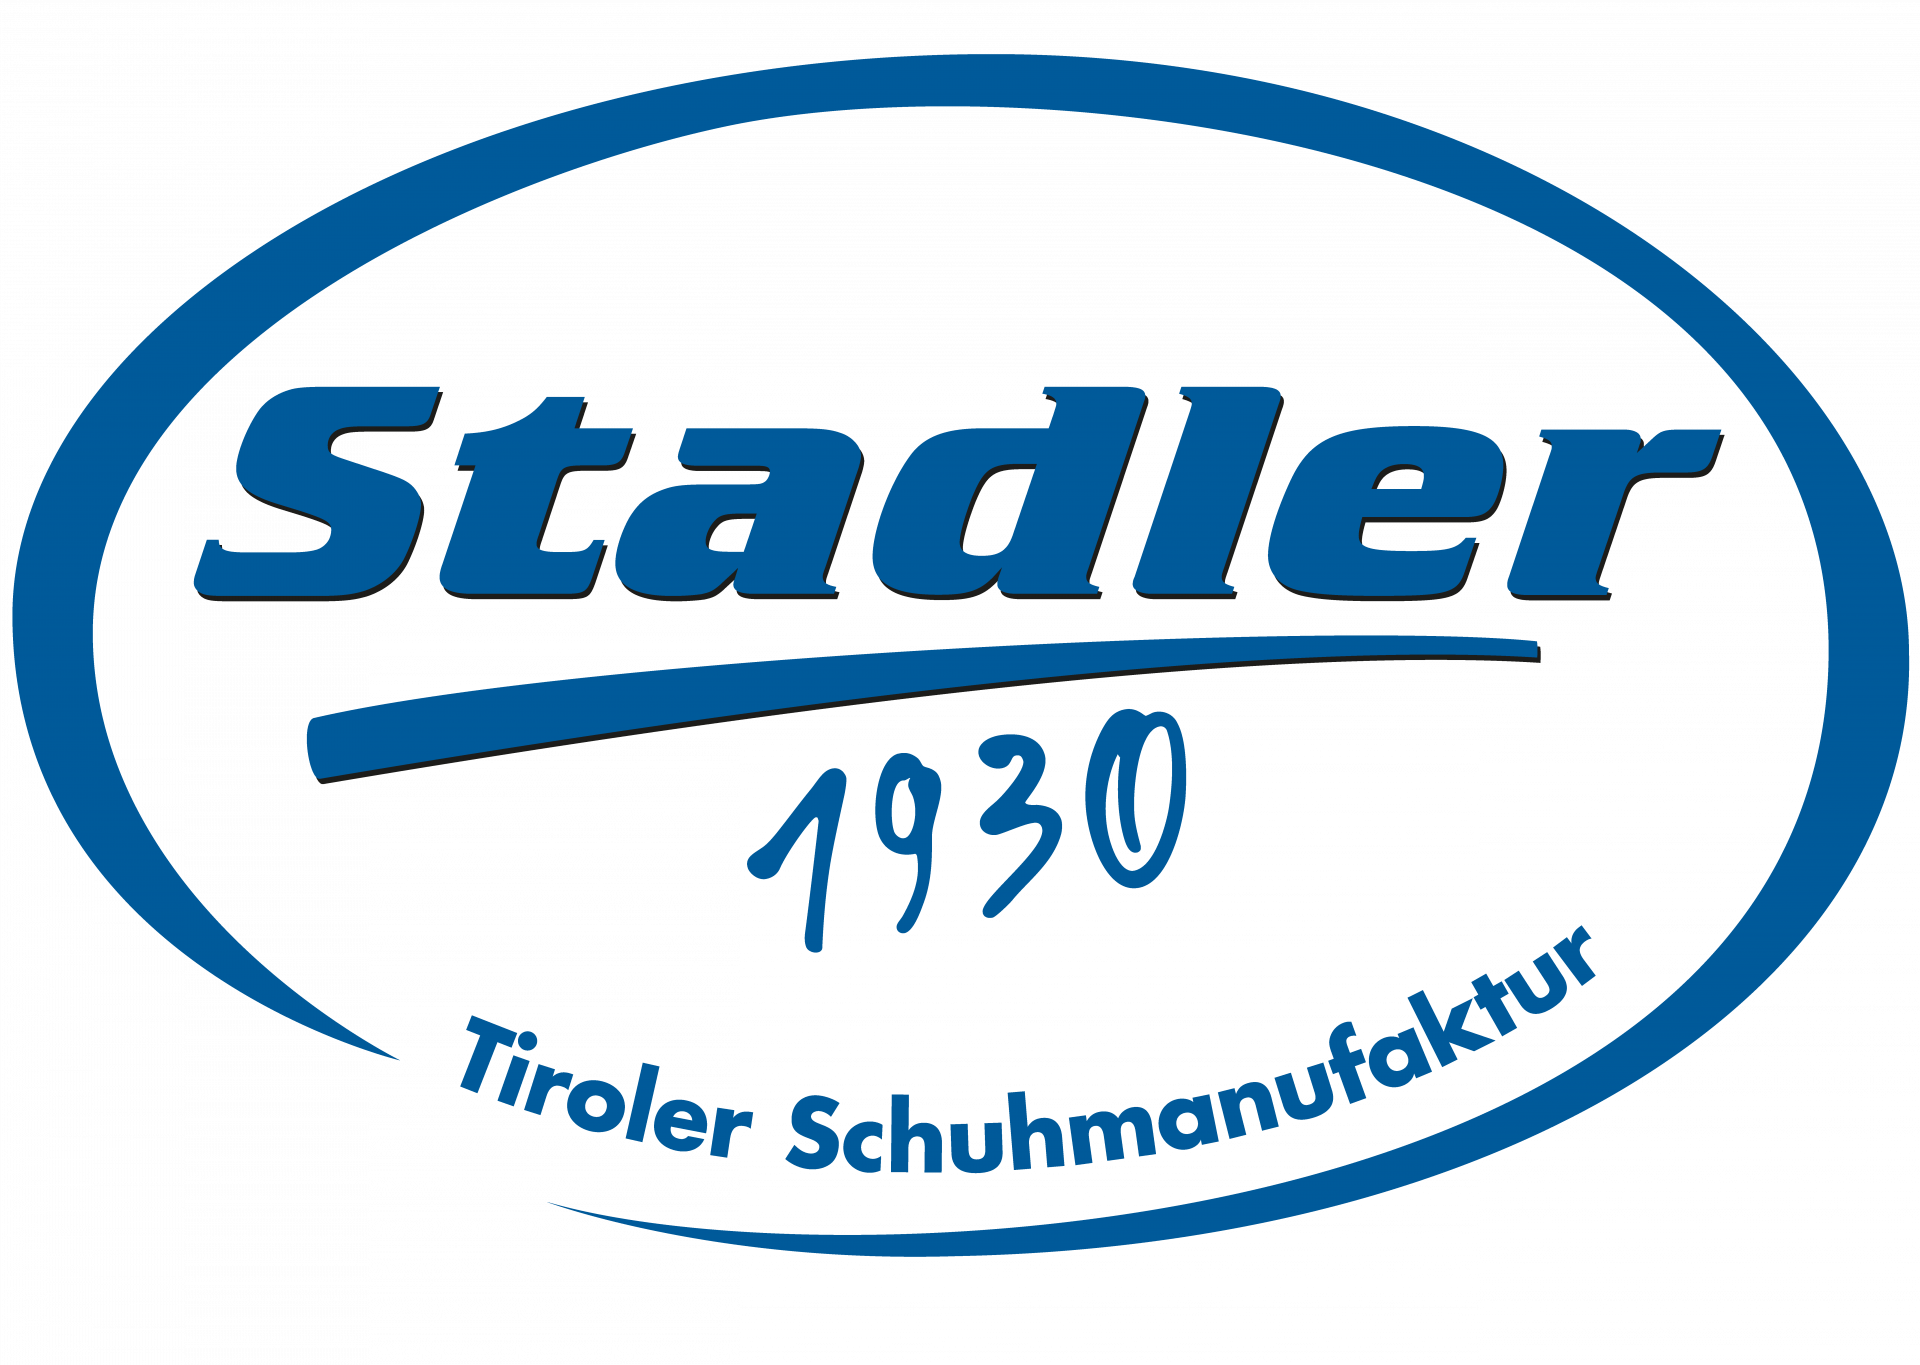 Stadler ein Unternehmen aus Österreich (Wörgl) bietet  Ihnen Wanderschuhe, Bergschuhe, Trachtenschuhe und Trekkingschuhe in erstklassiger Qualität.